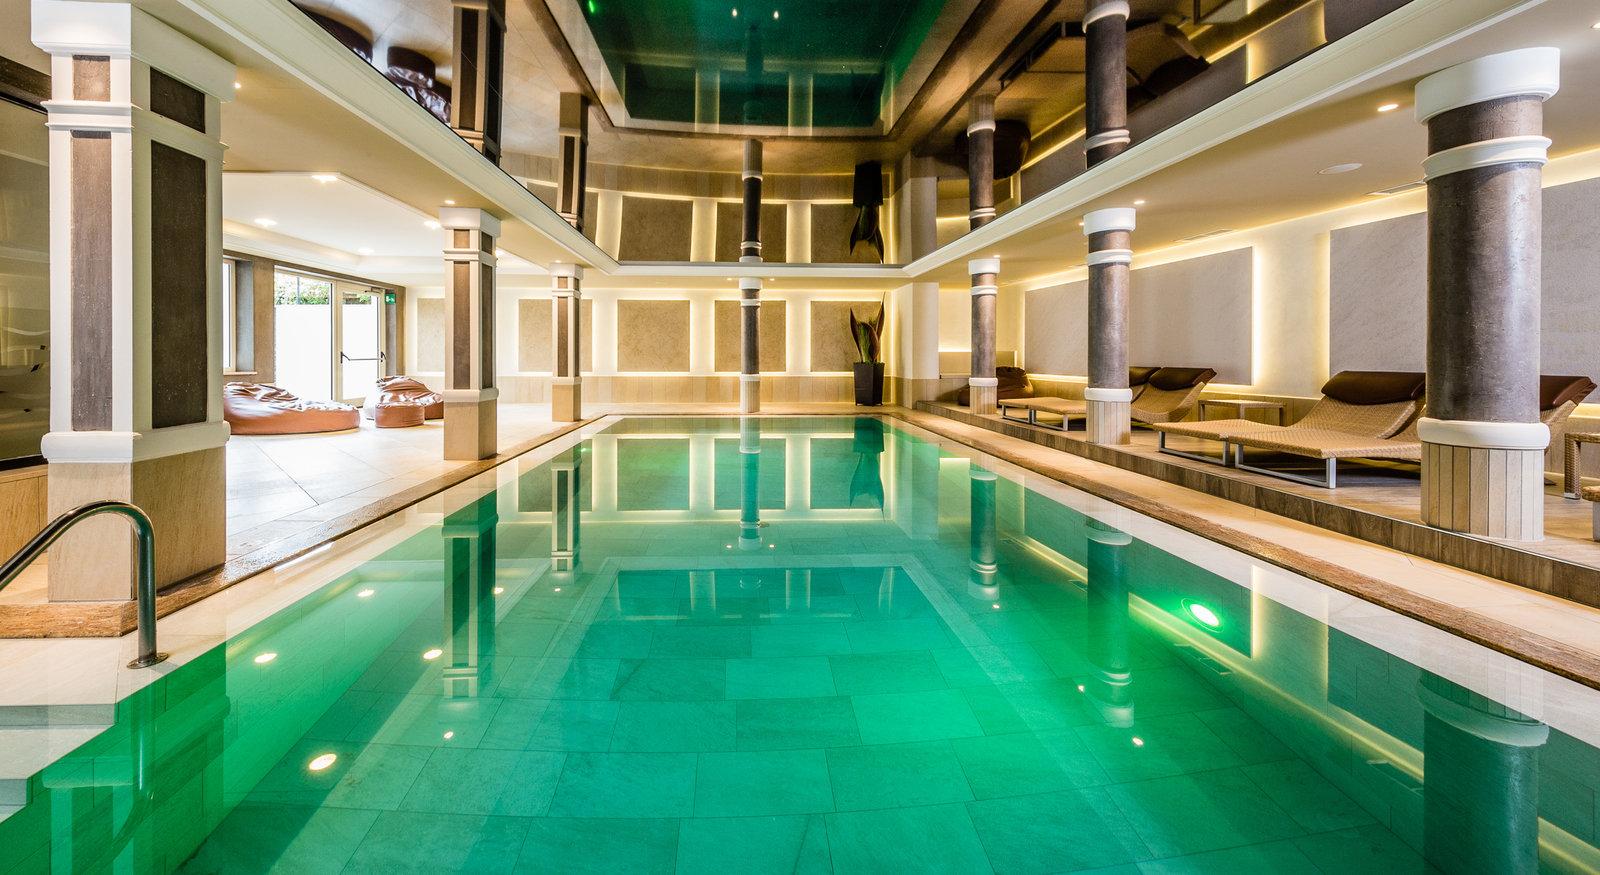 Hotel con piscina coperta in val venosta l 39 area relax - Hotel con piscina coperta ...